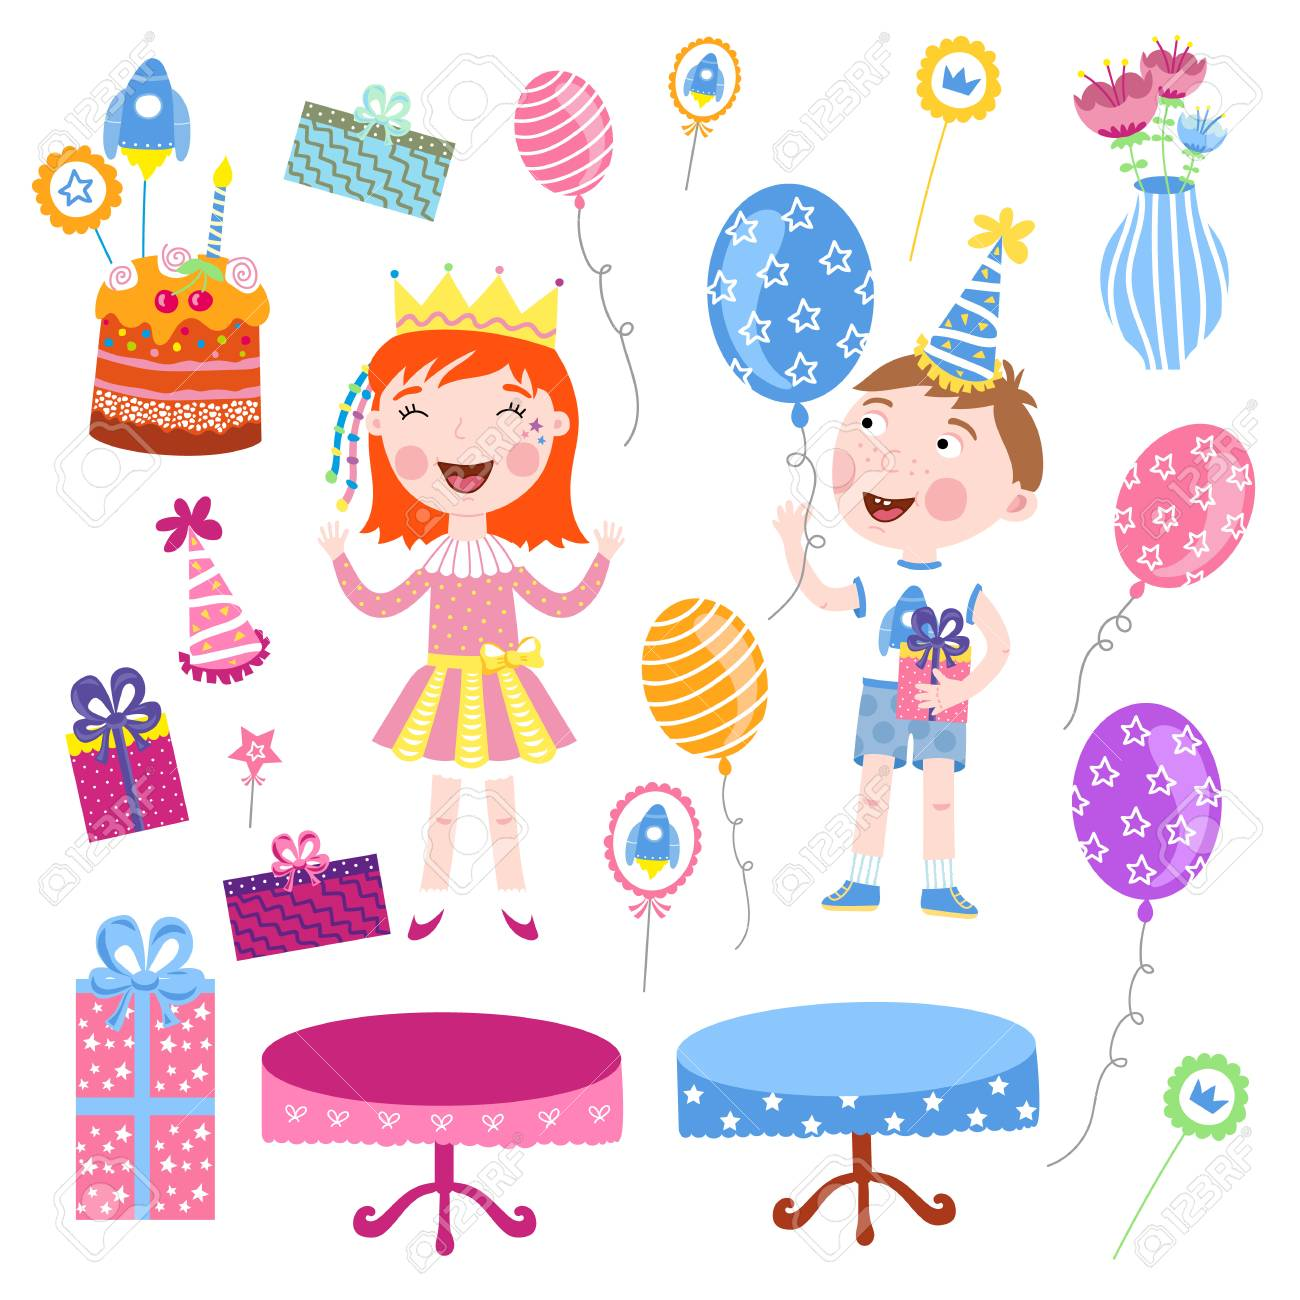 Joyeux Anniversaire Enfants Modele De Carte Postale Raster Illustration De Vacances Banque D Images Et Photos Libres De Droits Image 72980061